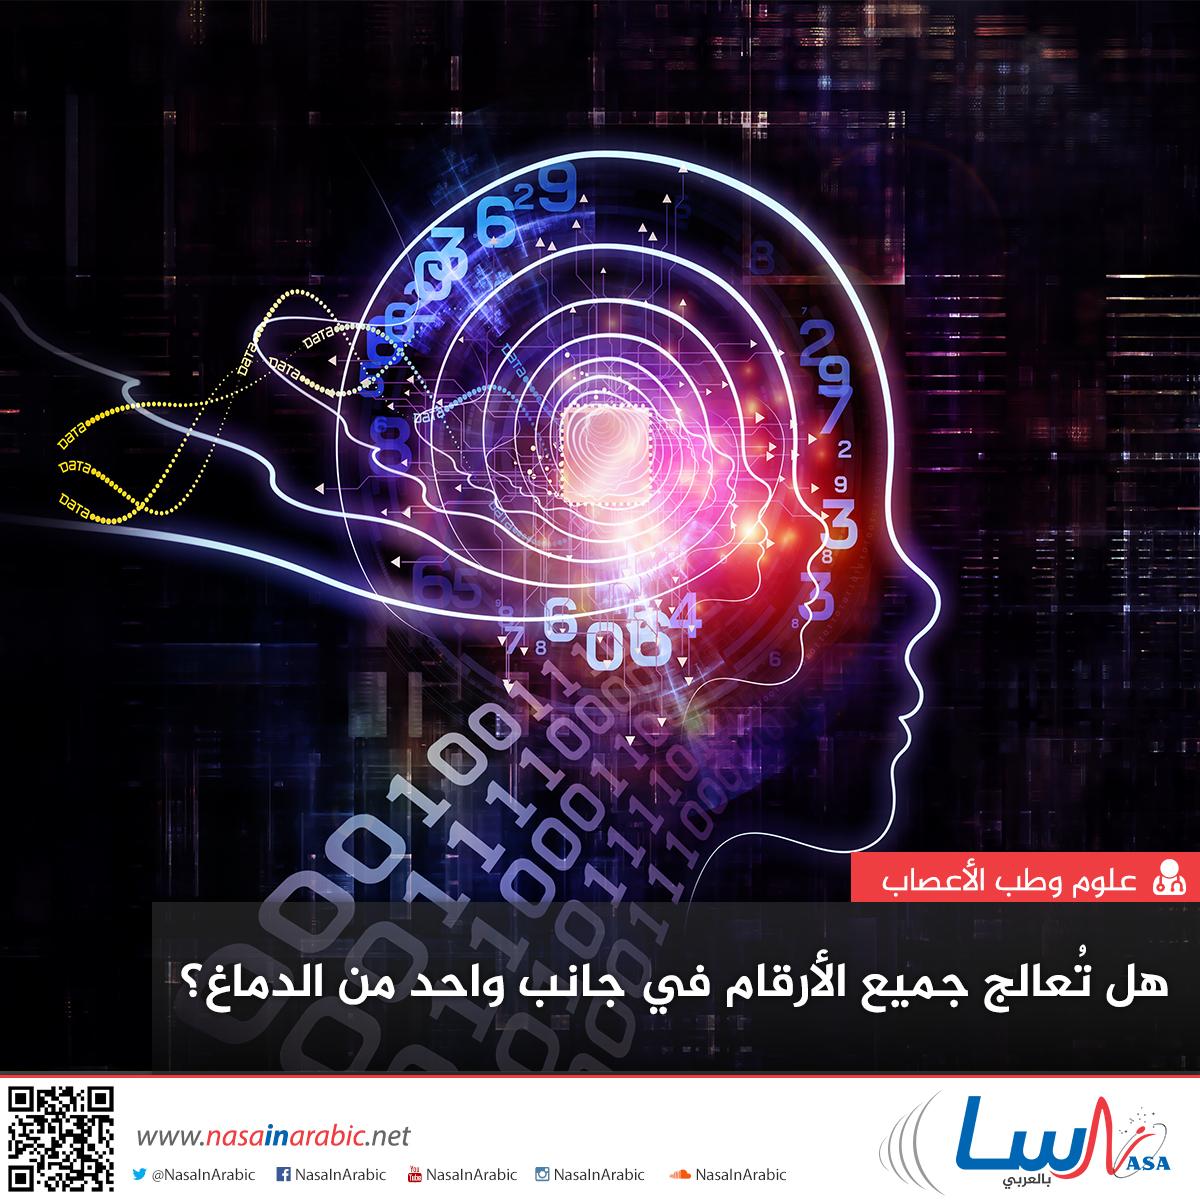 هل تُعالج جميع الأرقام في جانب واحد من الدماغ؟